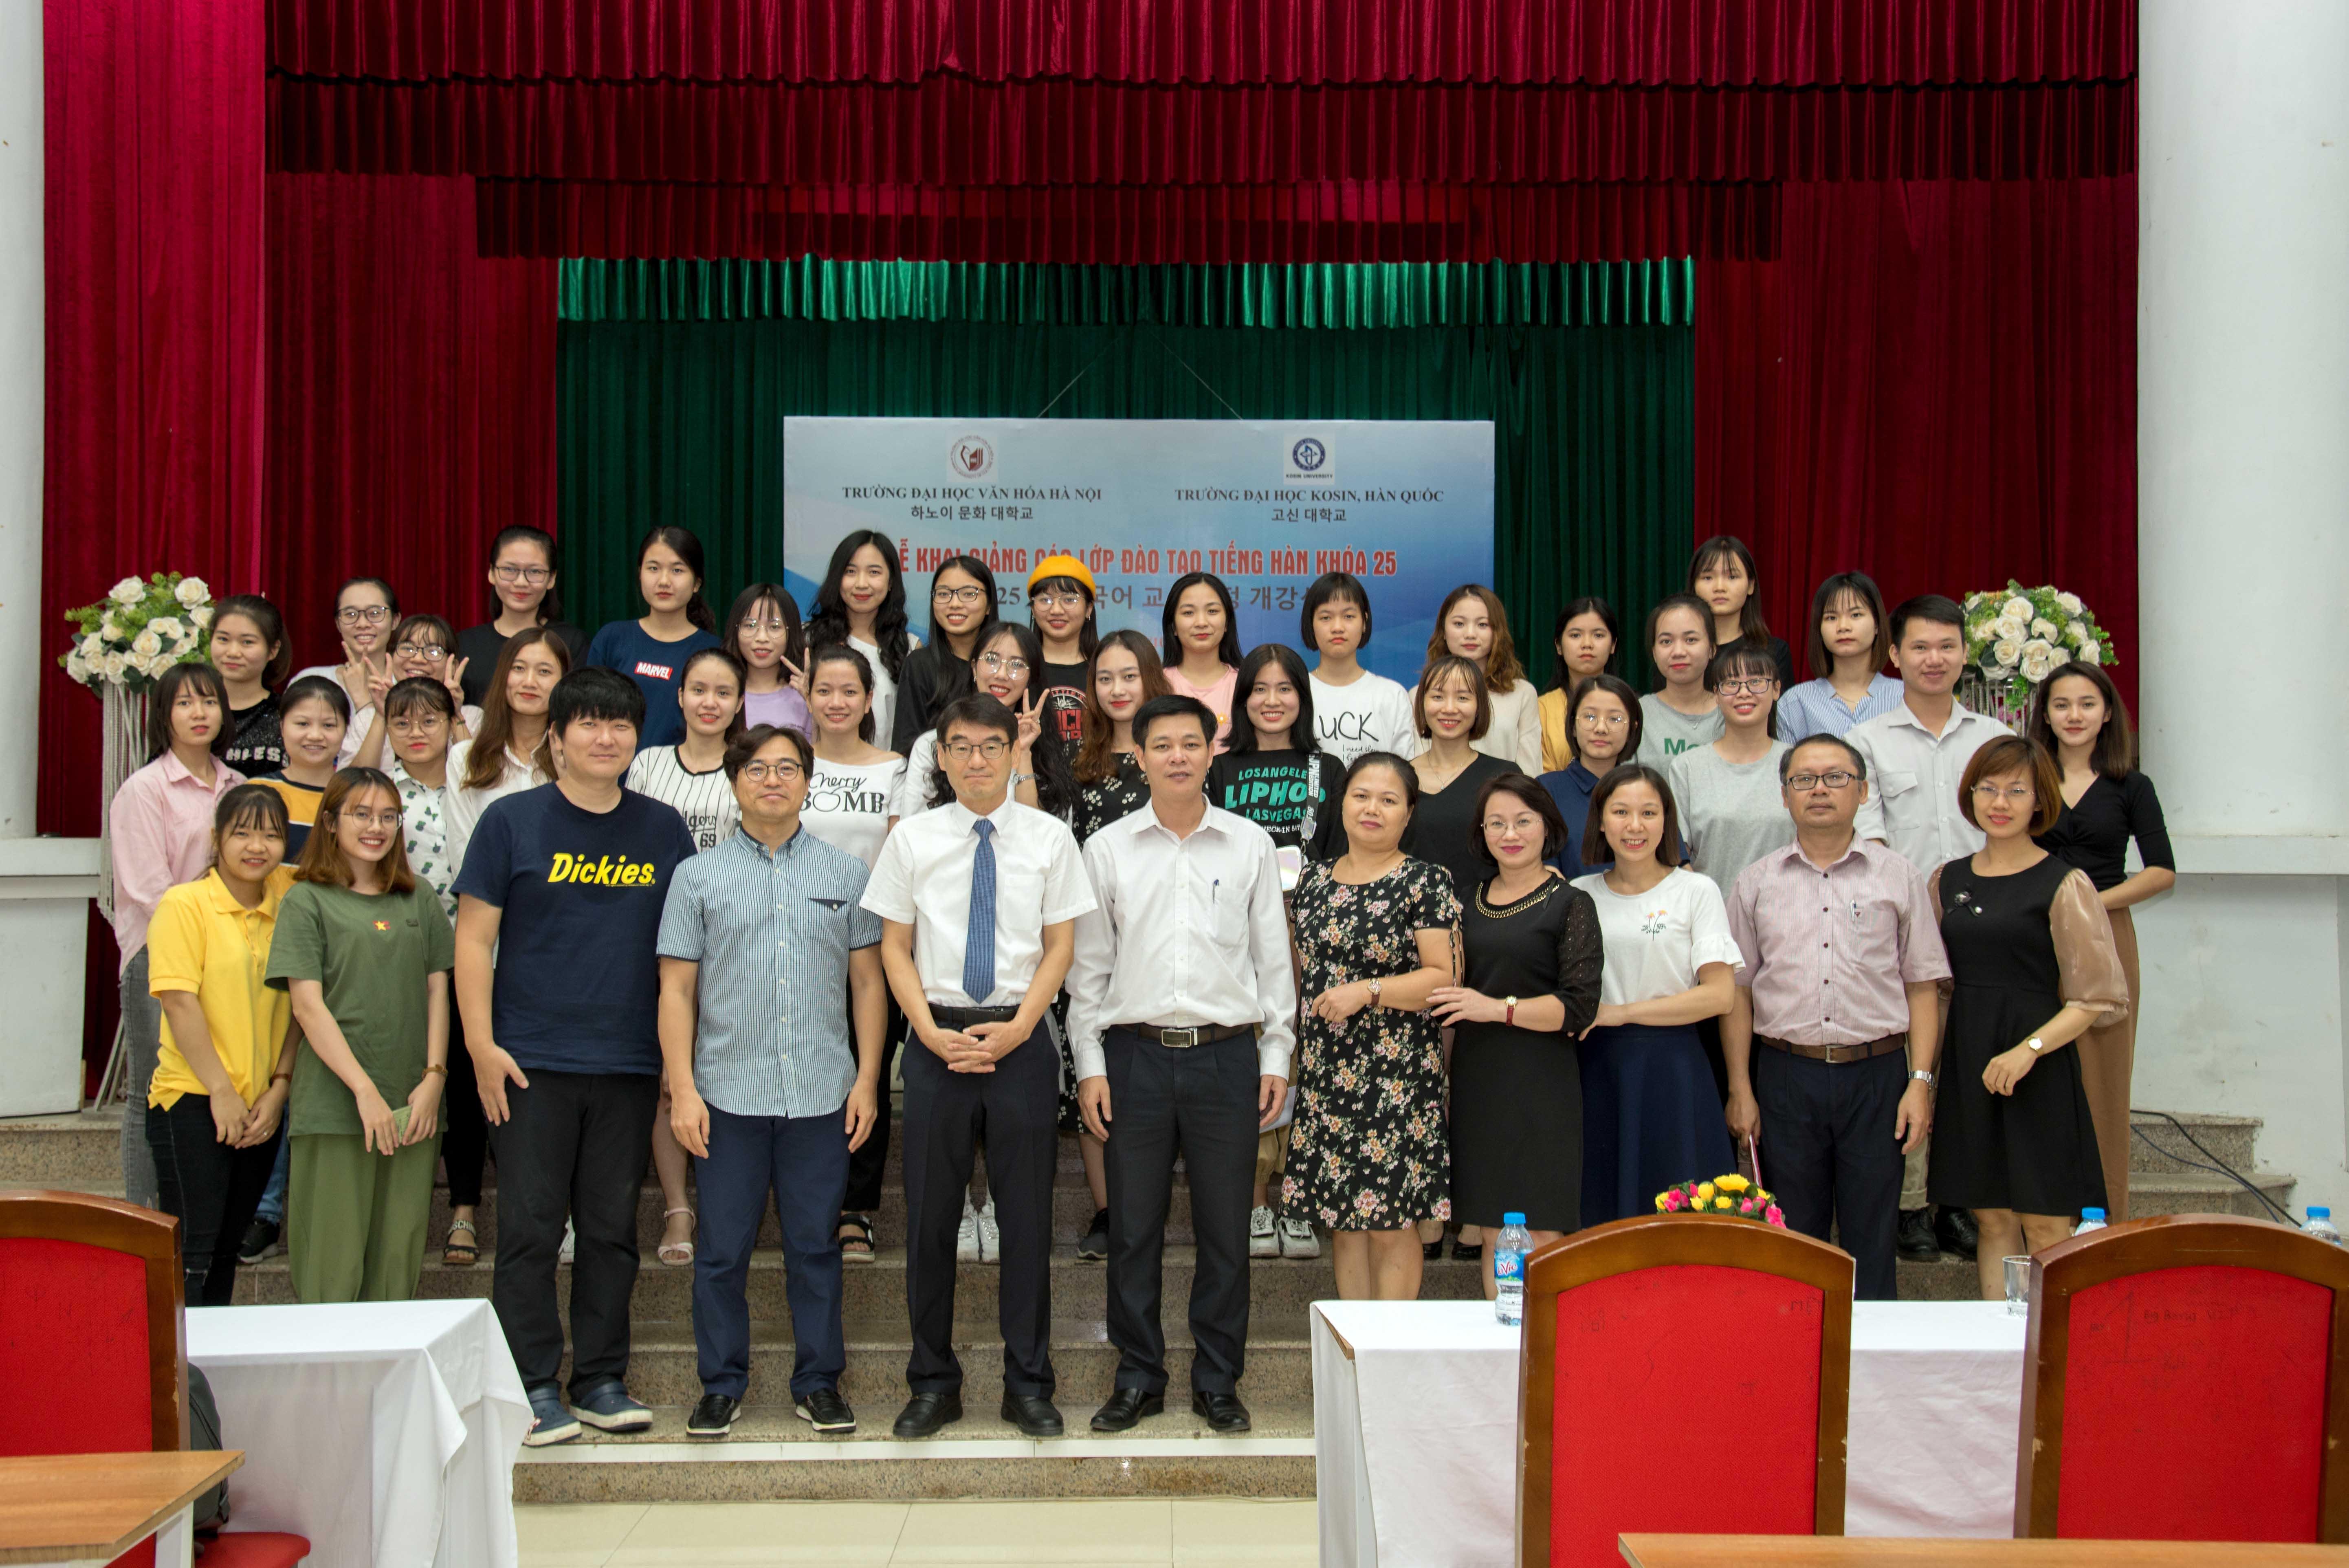 Khai giảng các lớp đào tạo tiếng Hàn khóa 25